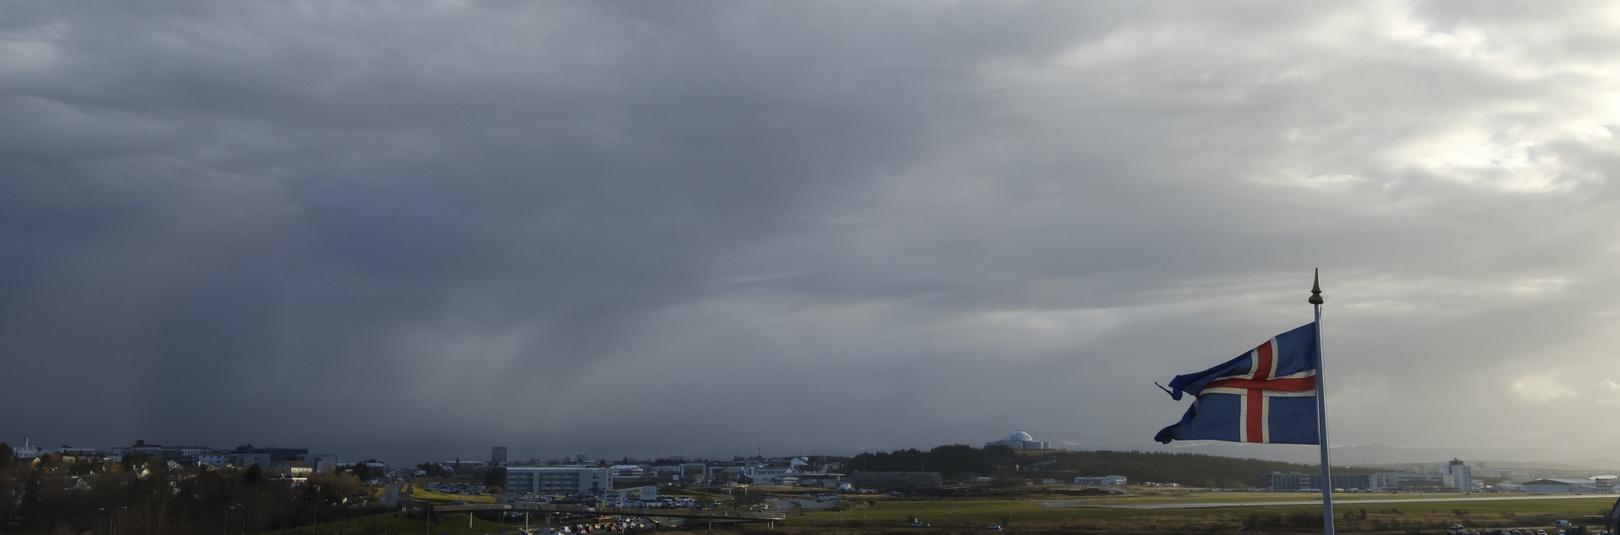 Starfsþróun í menntakerfinu efld með ríkulegu fjárframlagi - á vefsíðu Háskóla Íslands